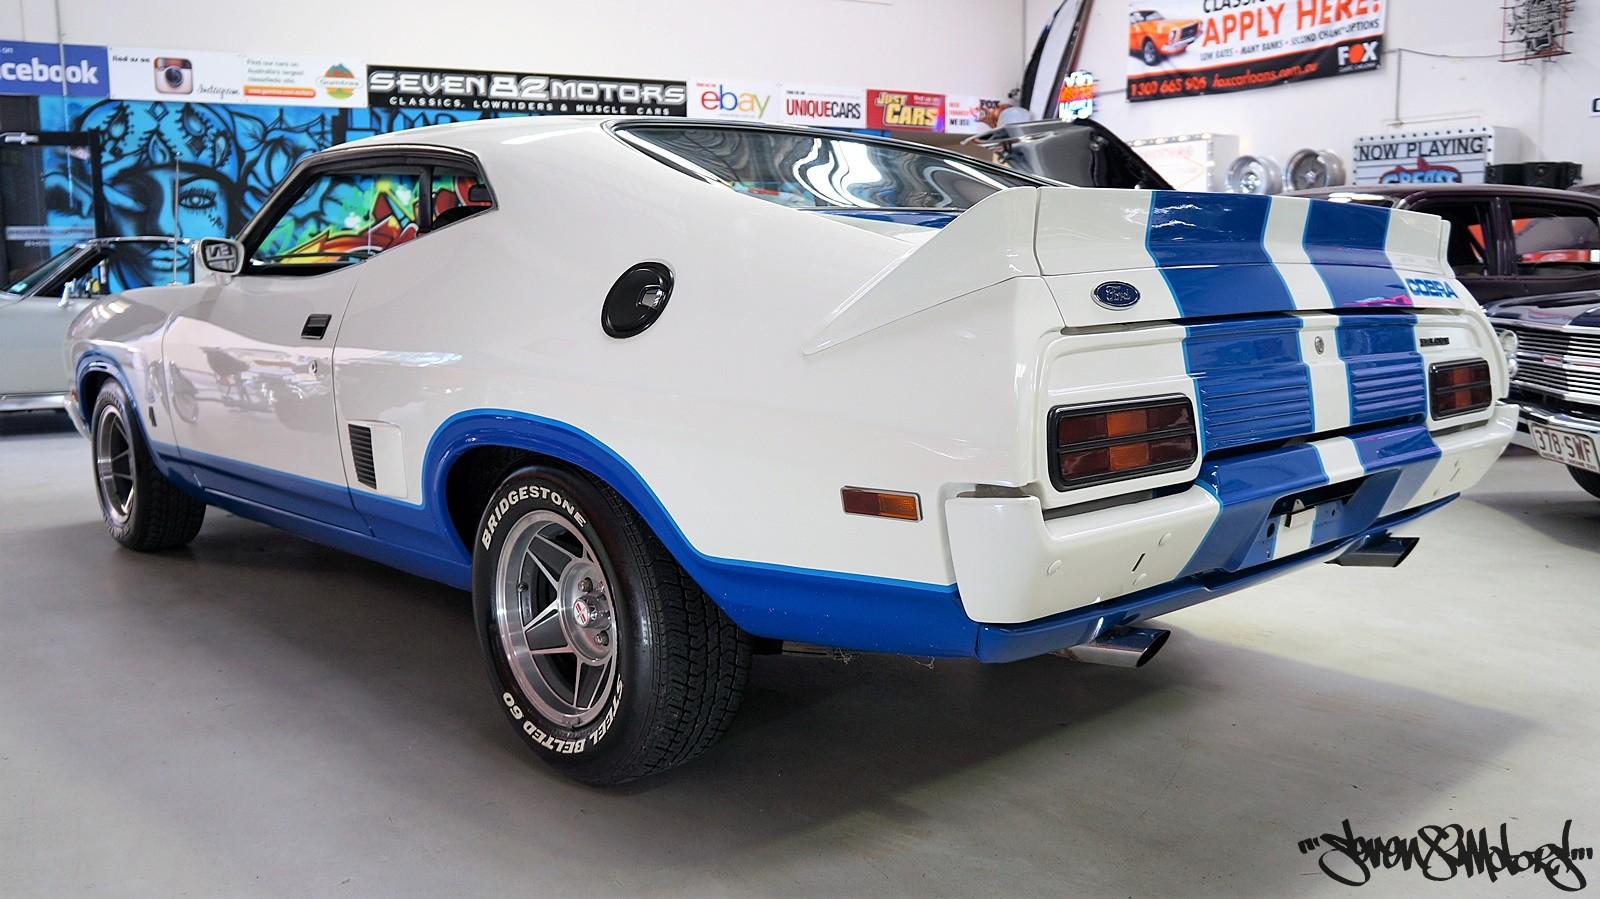 SOLD! 1978 XC Falcon Cobra Hardtop - SEVEN82MOTORS